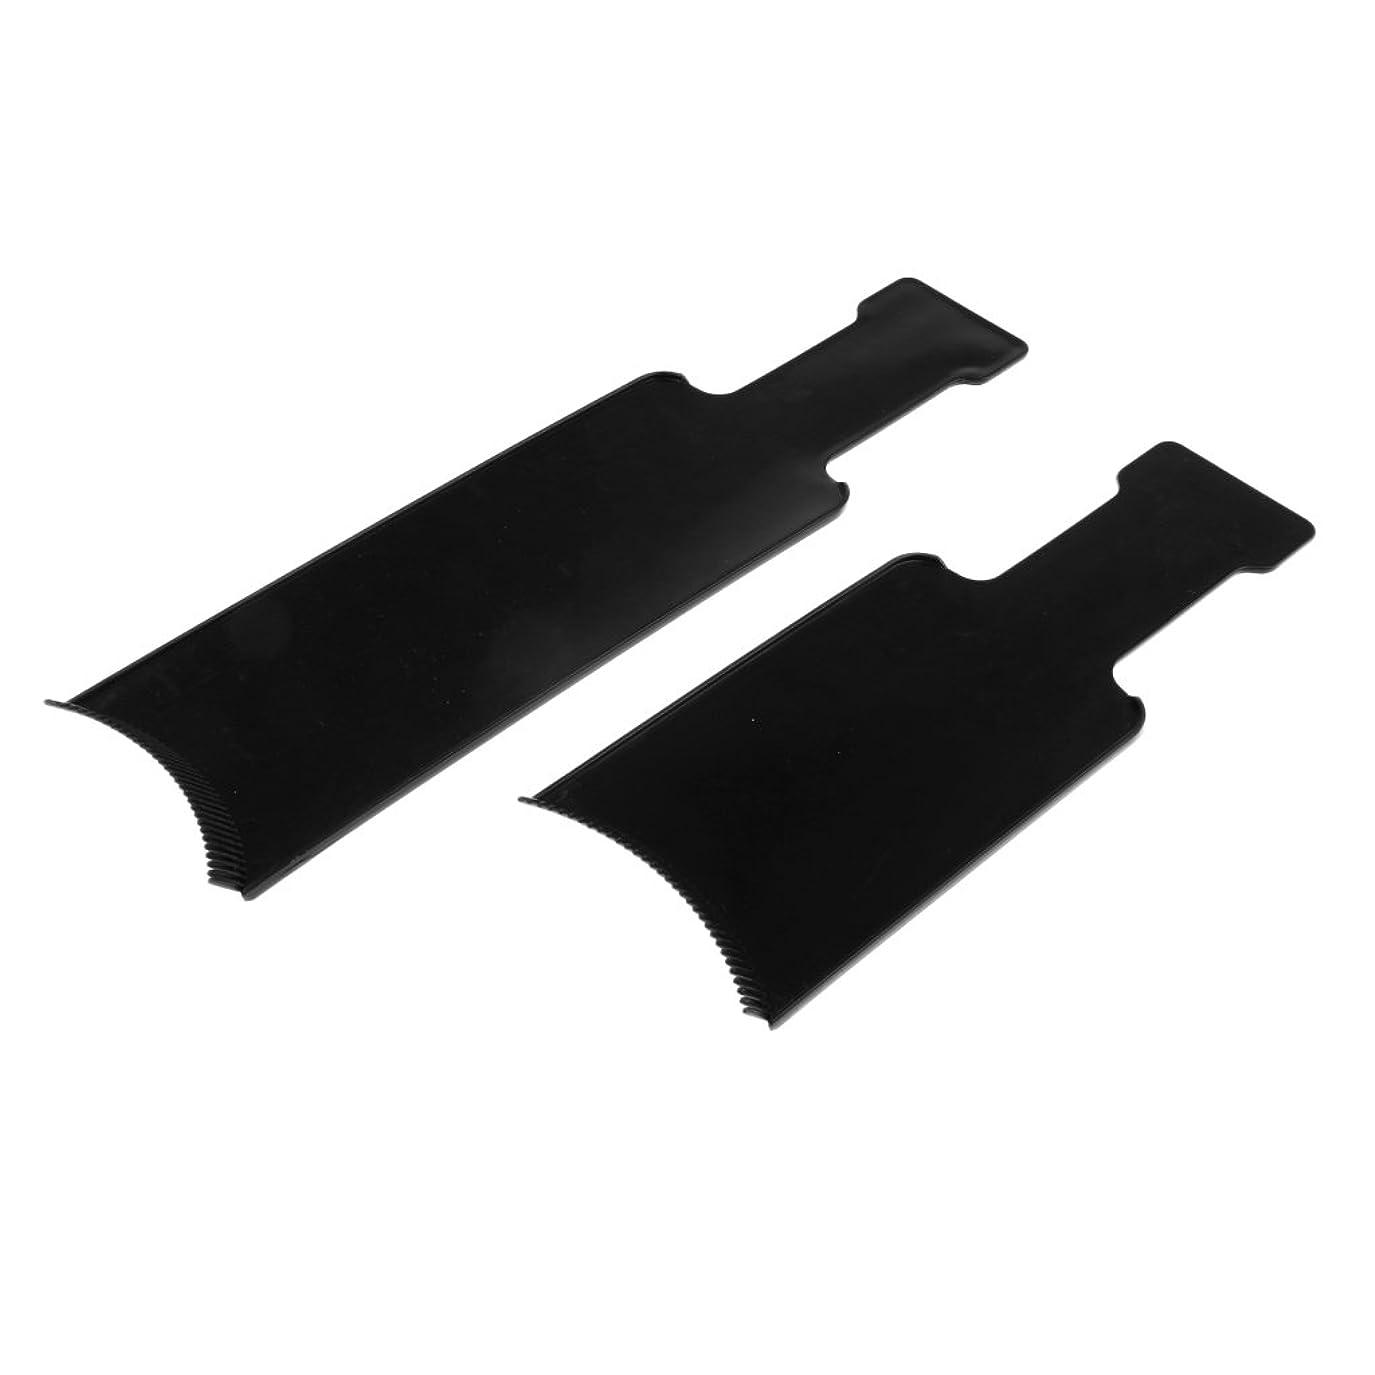 頑固な試験ピアニストヘアカラーボード 染色櫛 染色プレート ヘアカラー プラスチック製 美容ツール 黒 2個入